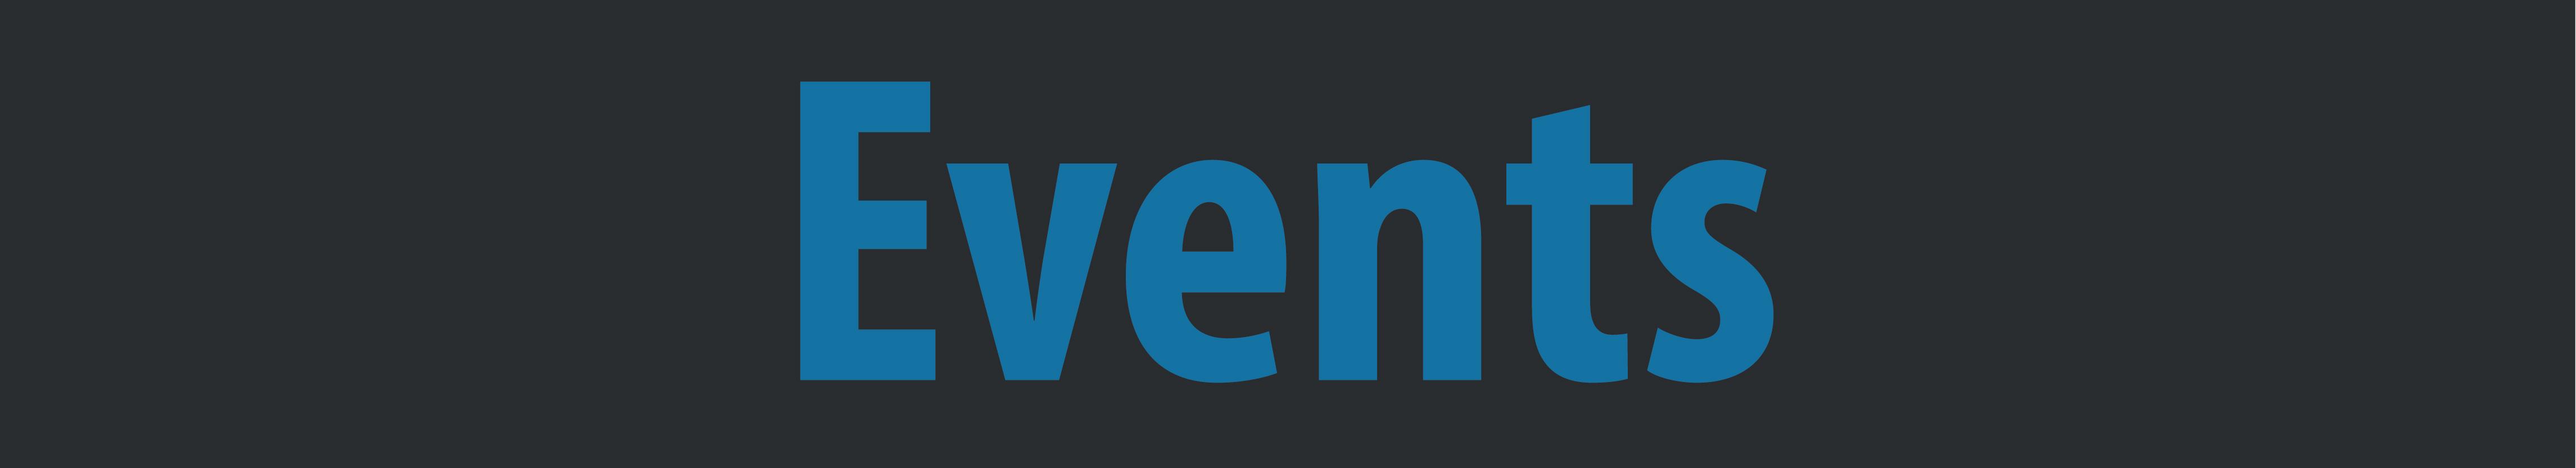 eventssummary_header-01